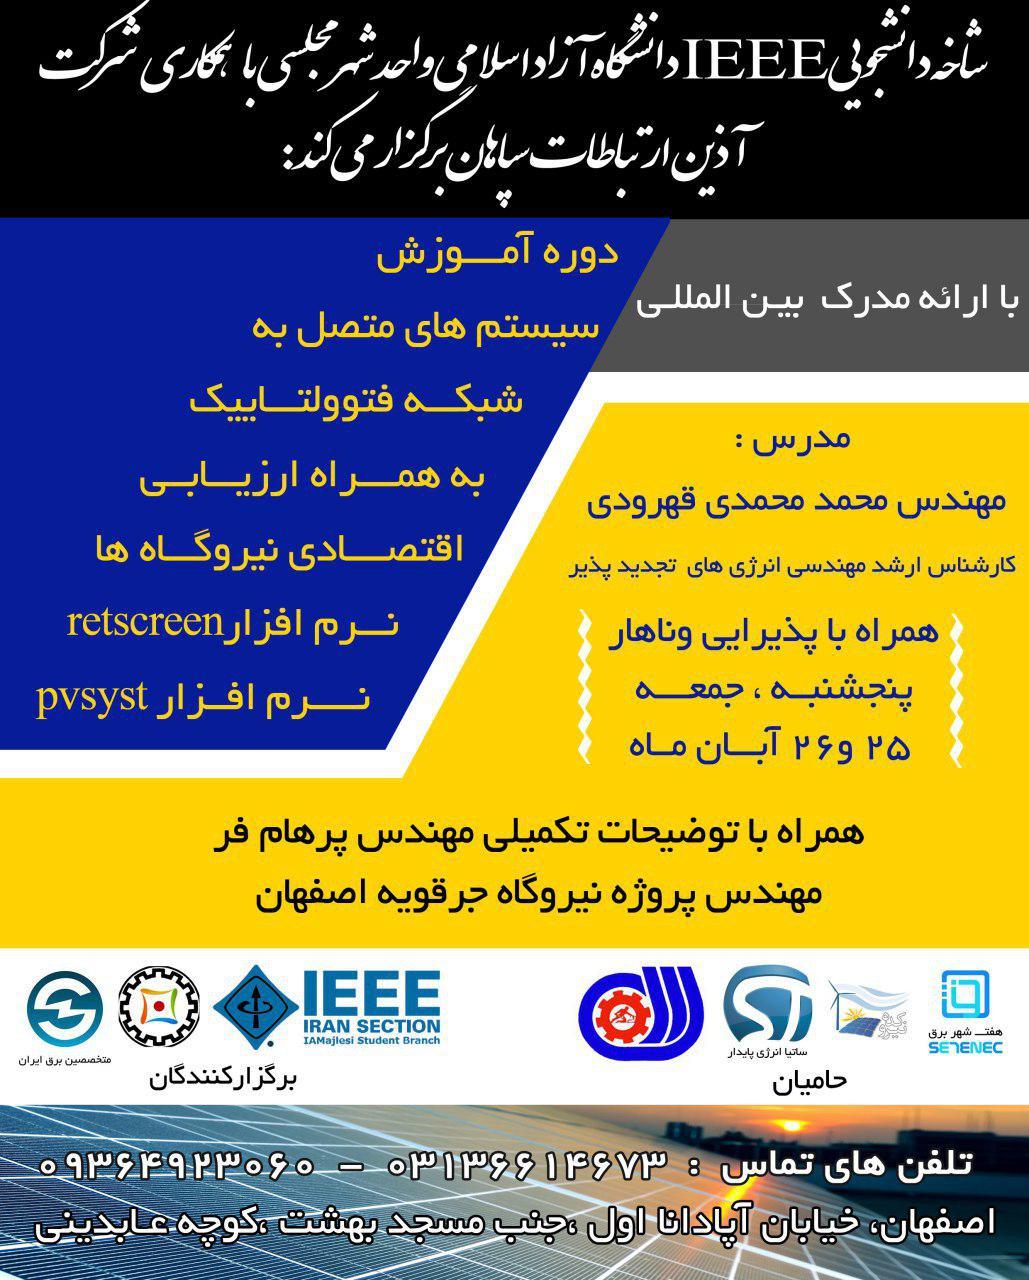 دوره آموزشی سیستم های فتوولتائیک، شاخه دانشجویی IEEE دانشگاه آزاد اسلامی واحد شهر مجلسی